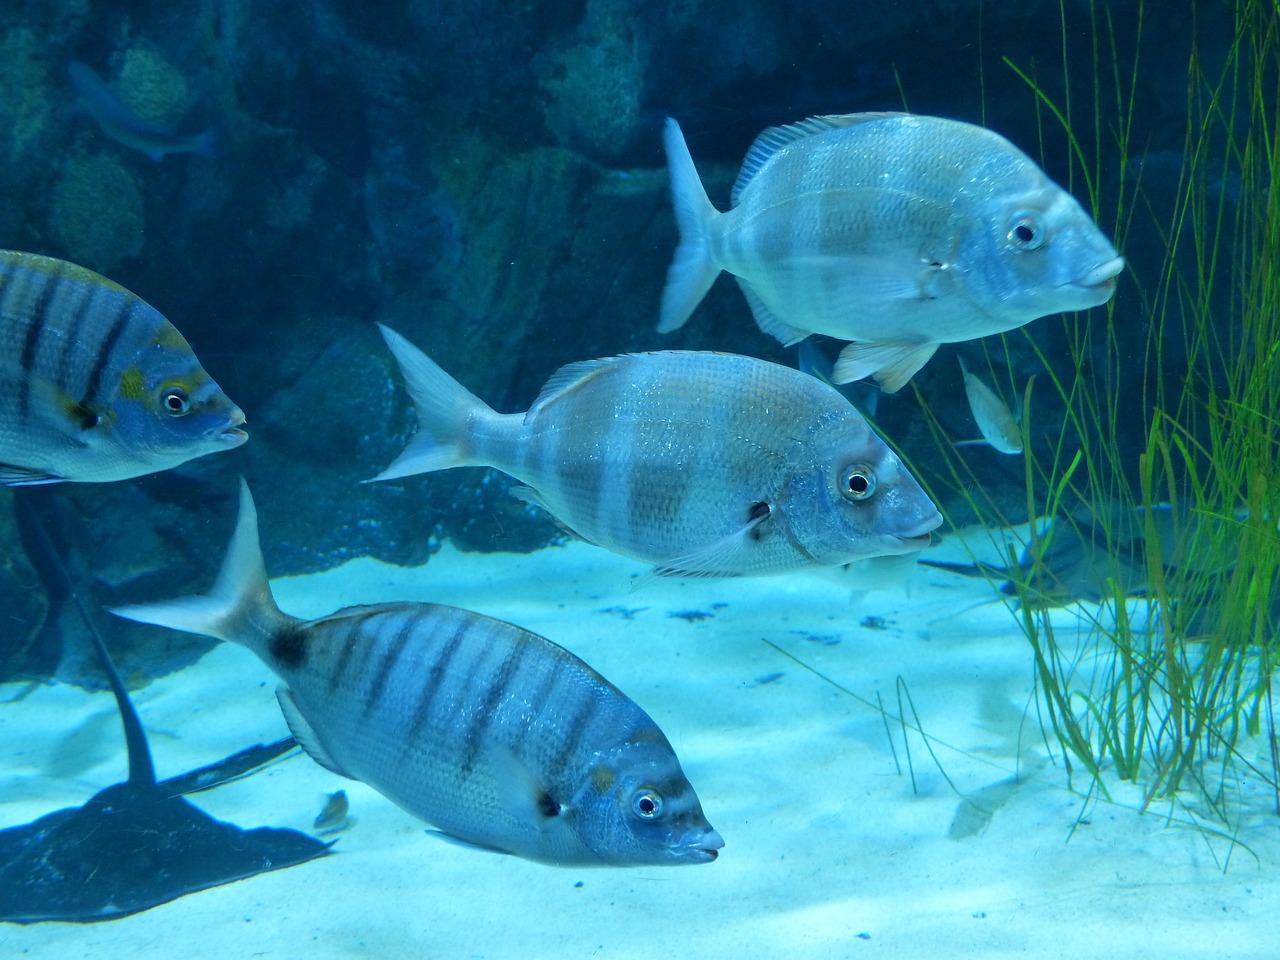 процесс картинка рыбы плавают в воде супругов